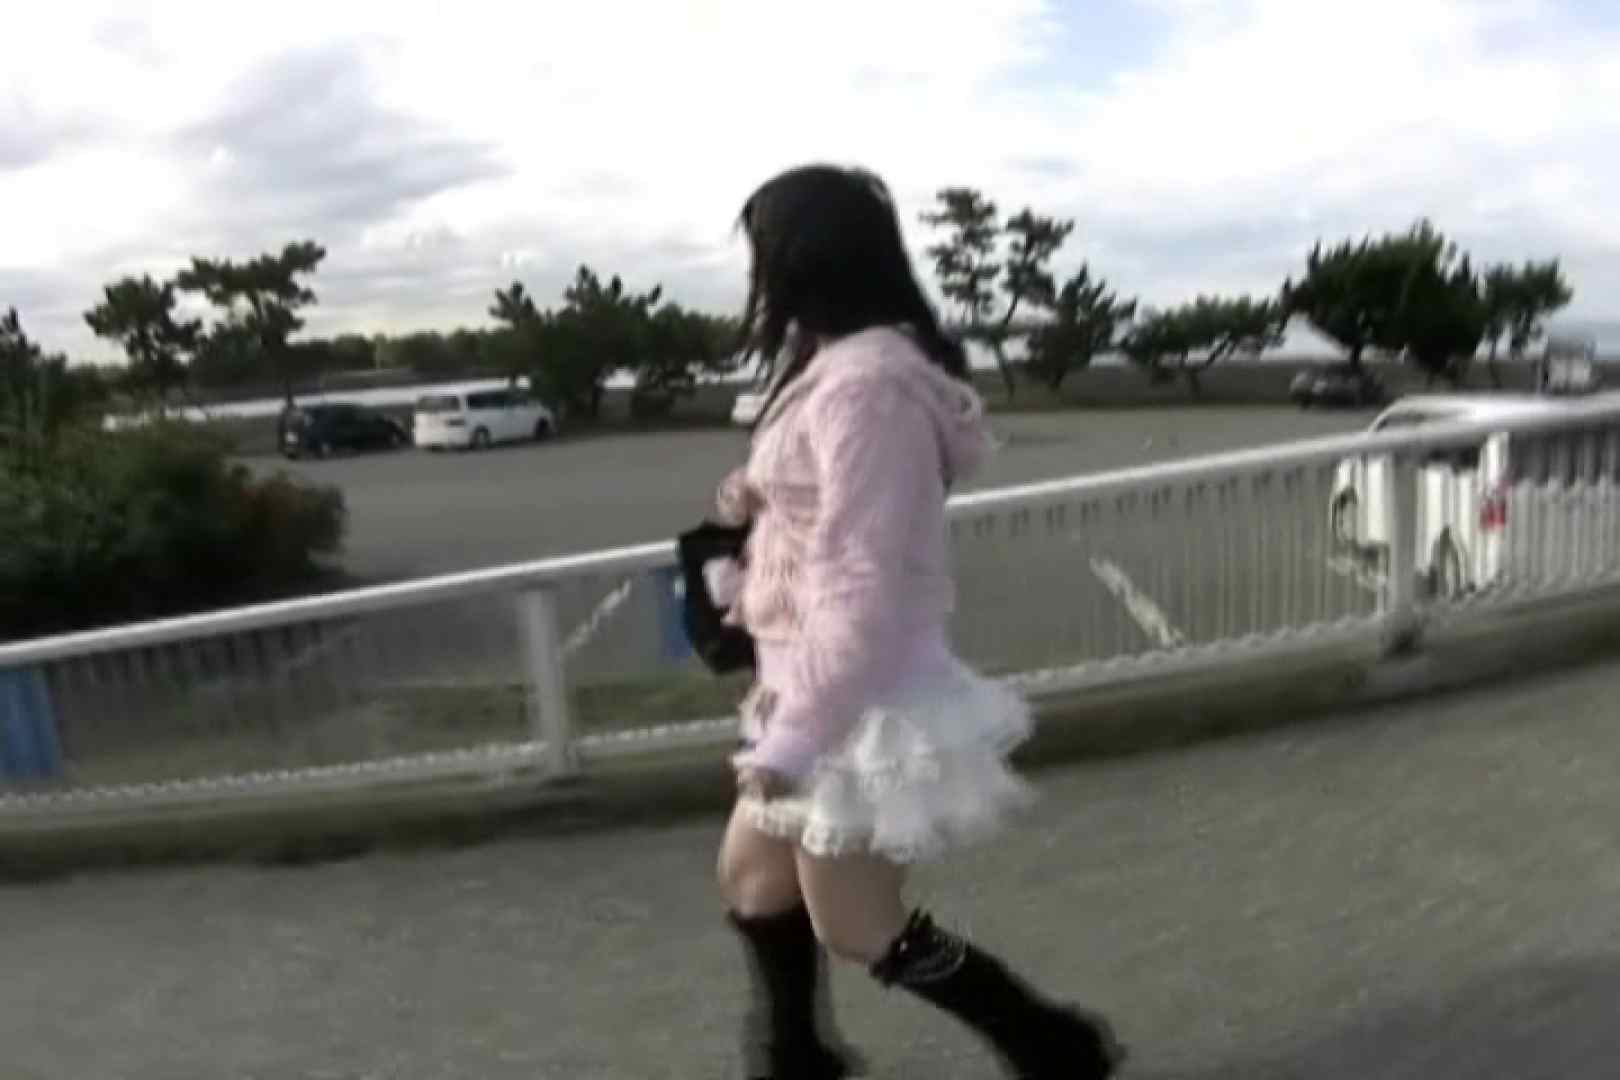 素人嬢がAV面接にやって来た。 仮名ゆみvol.2 素人 AV動画キャプチャ 111連発 102